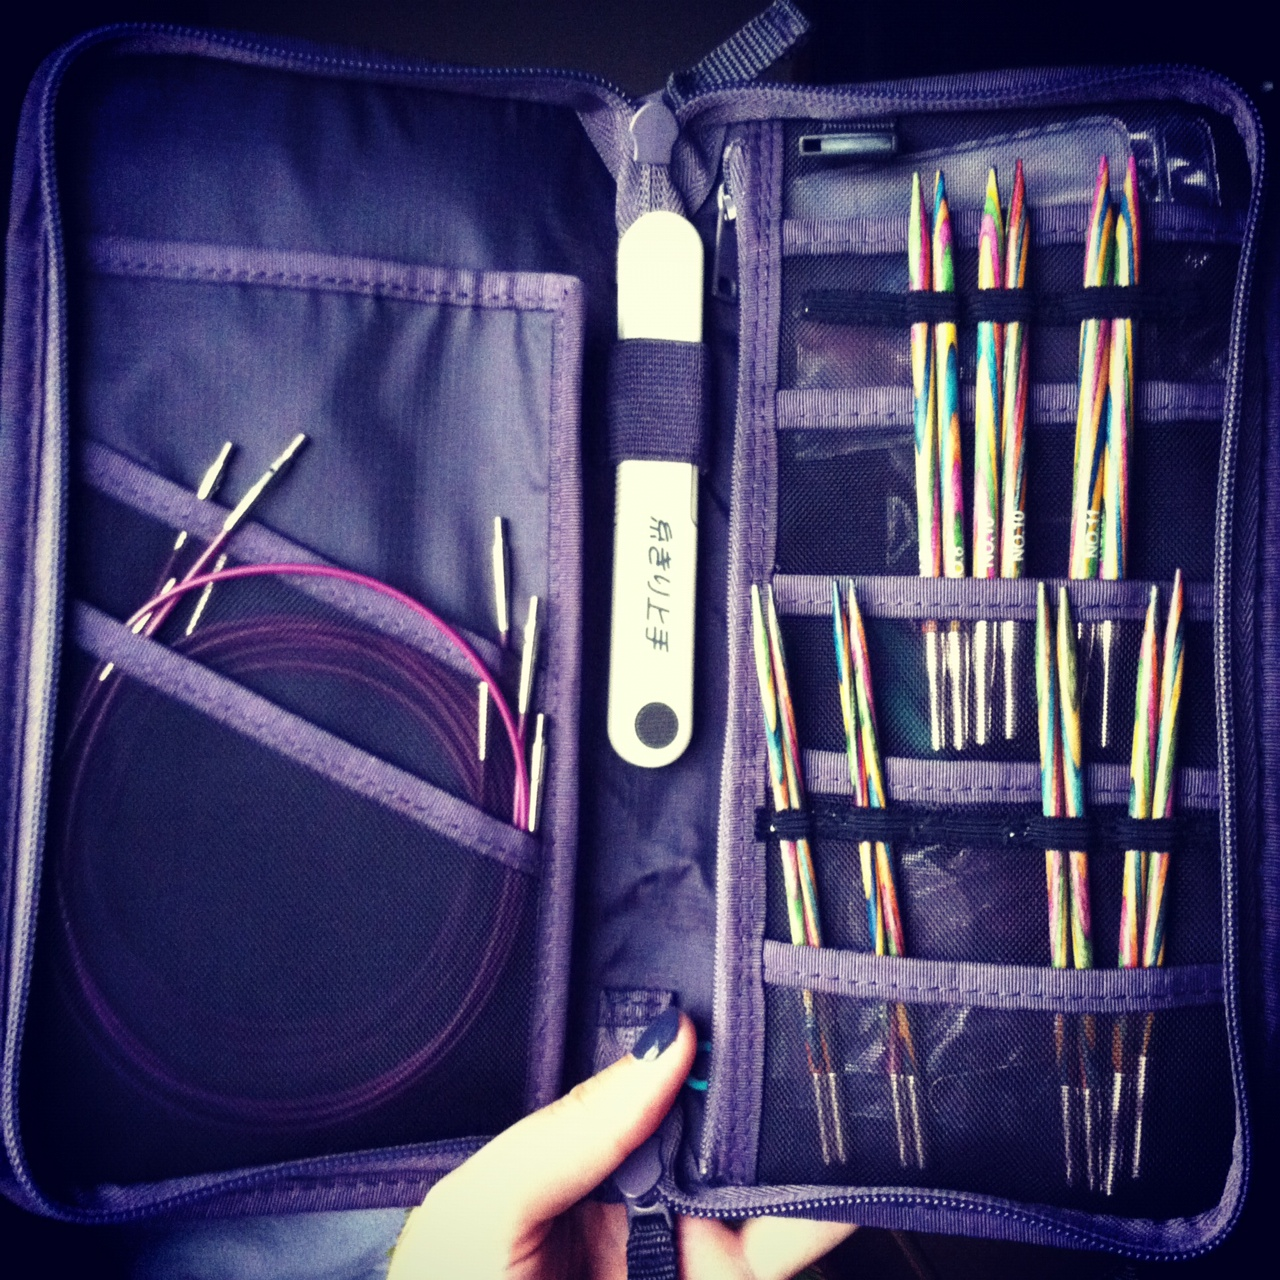 Diy Knitting Needle Case My Amimono Life